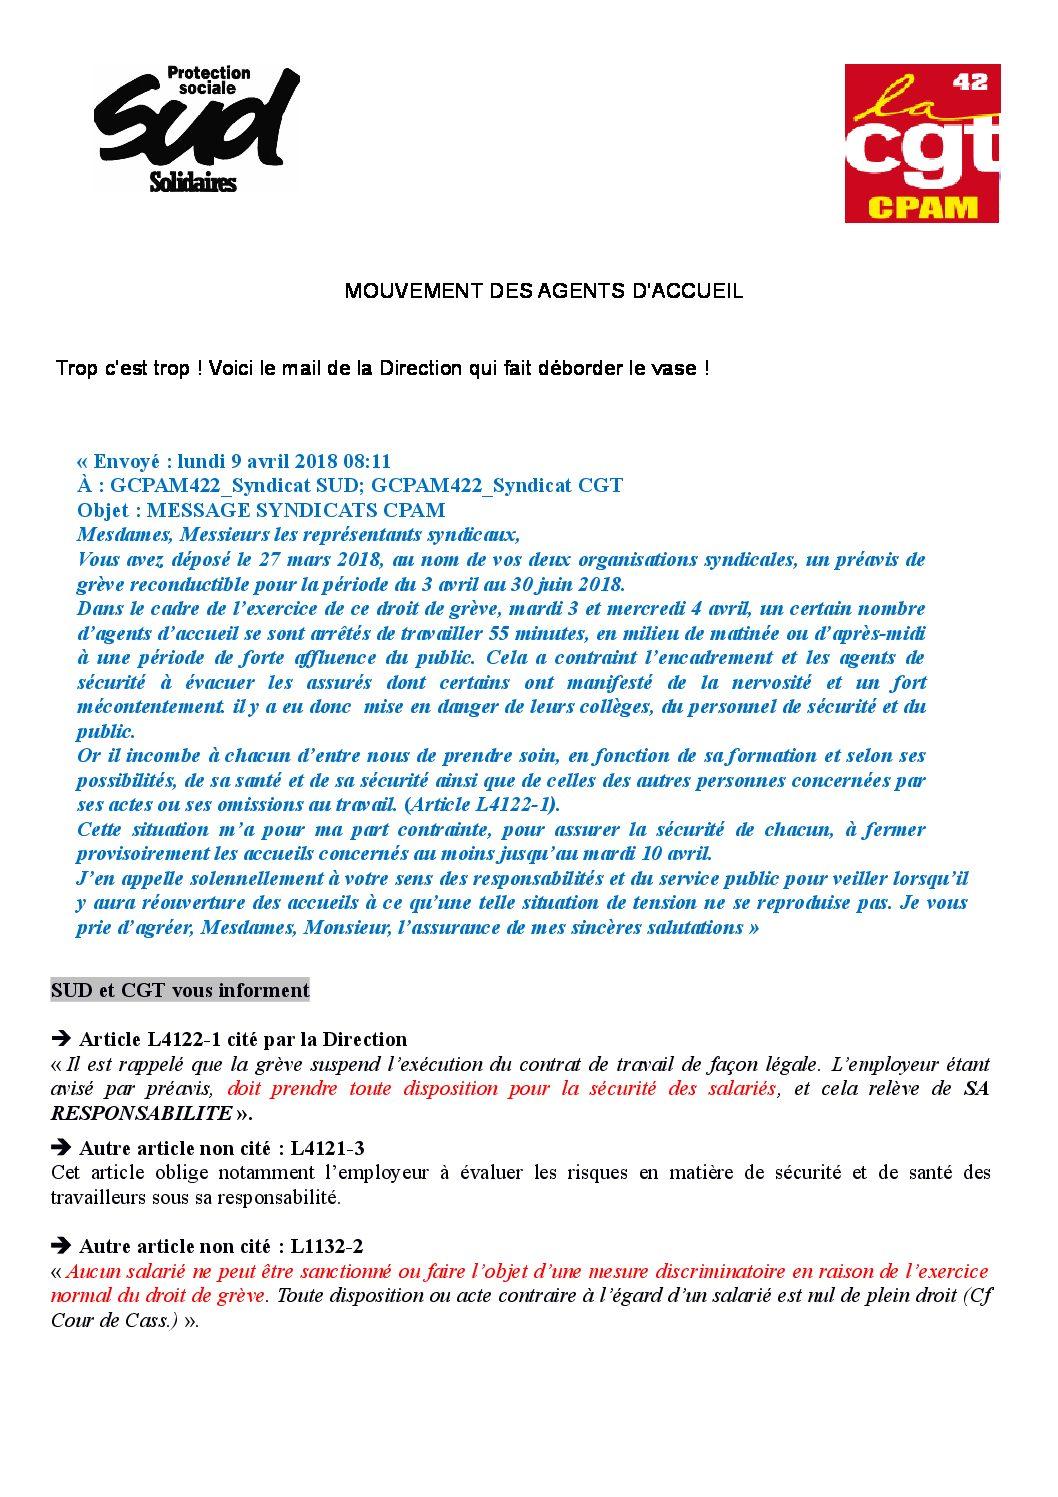 Grève des agents d'accueil à la CPAM de la Loire